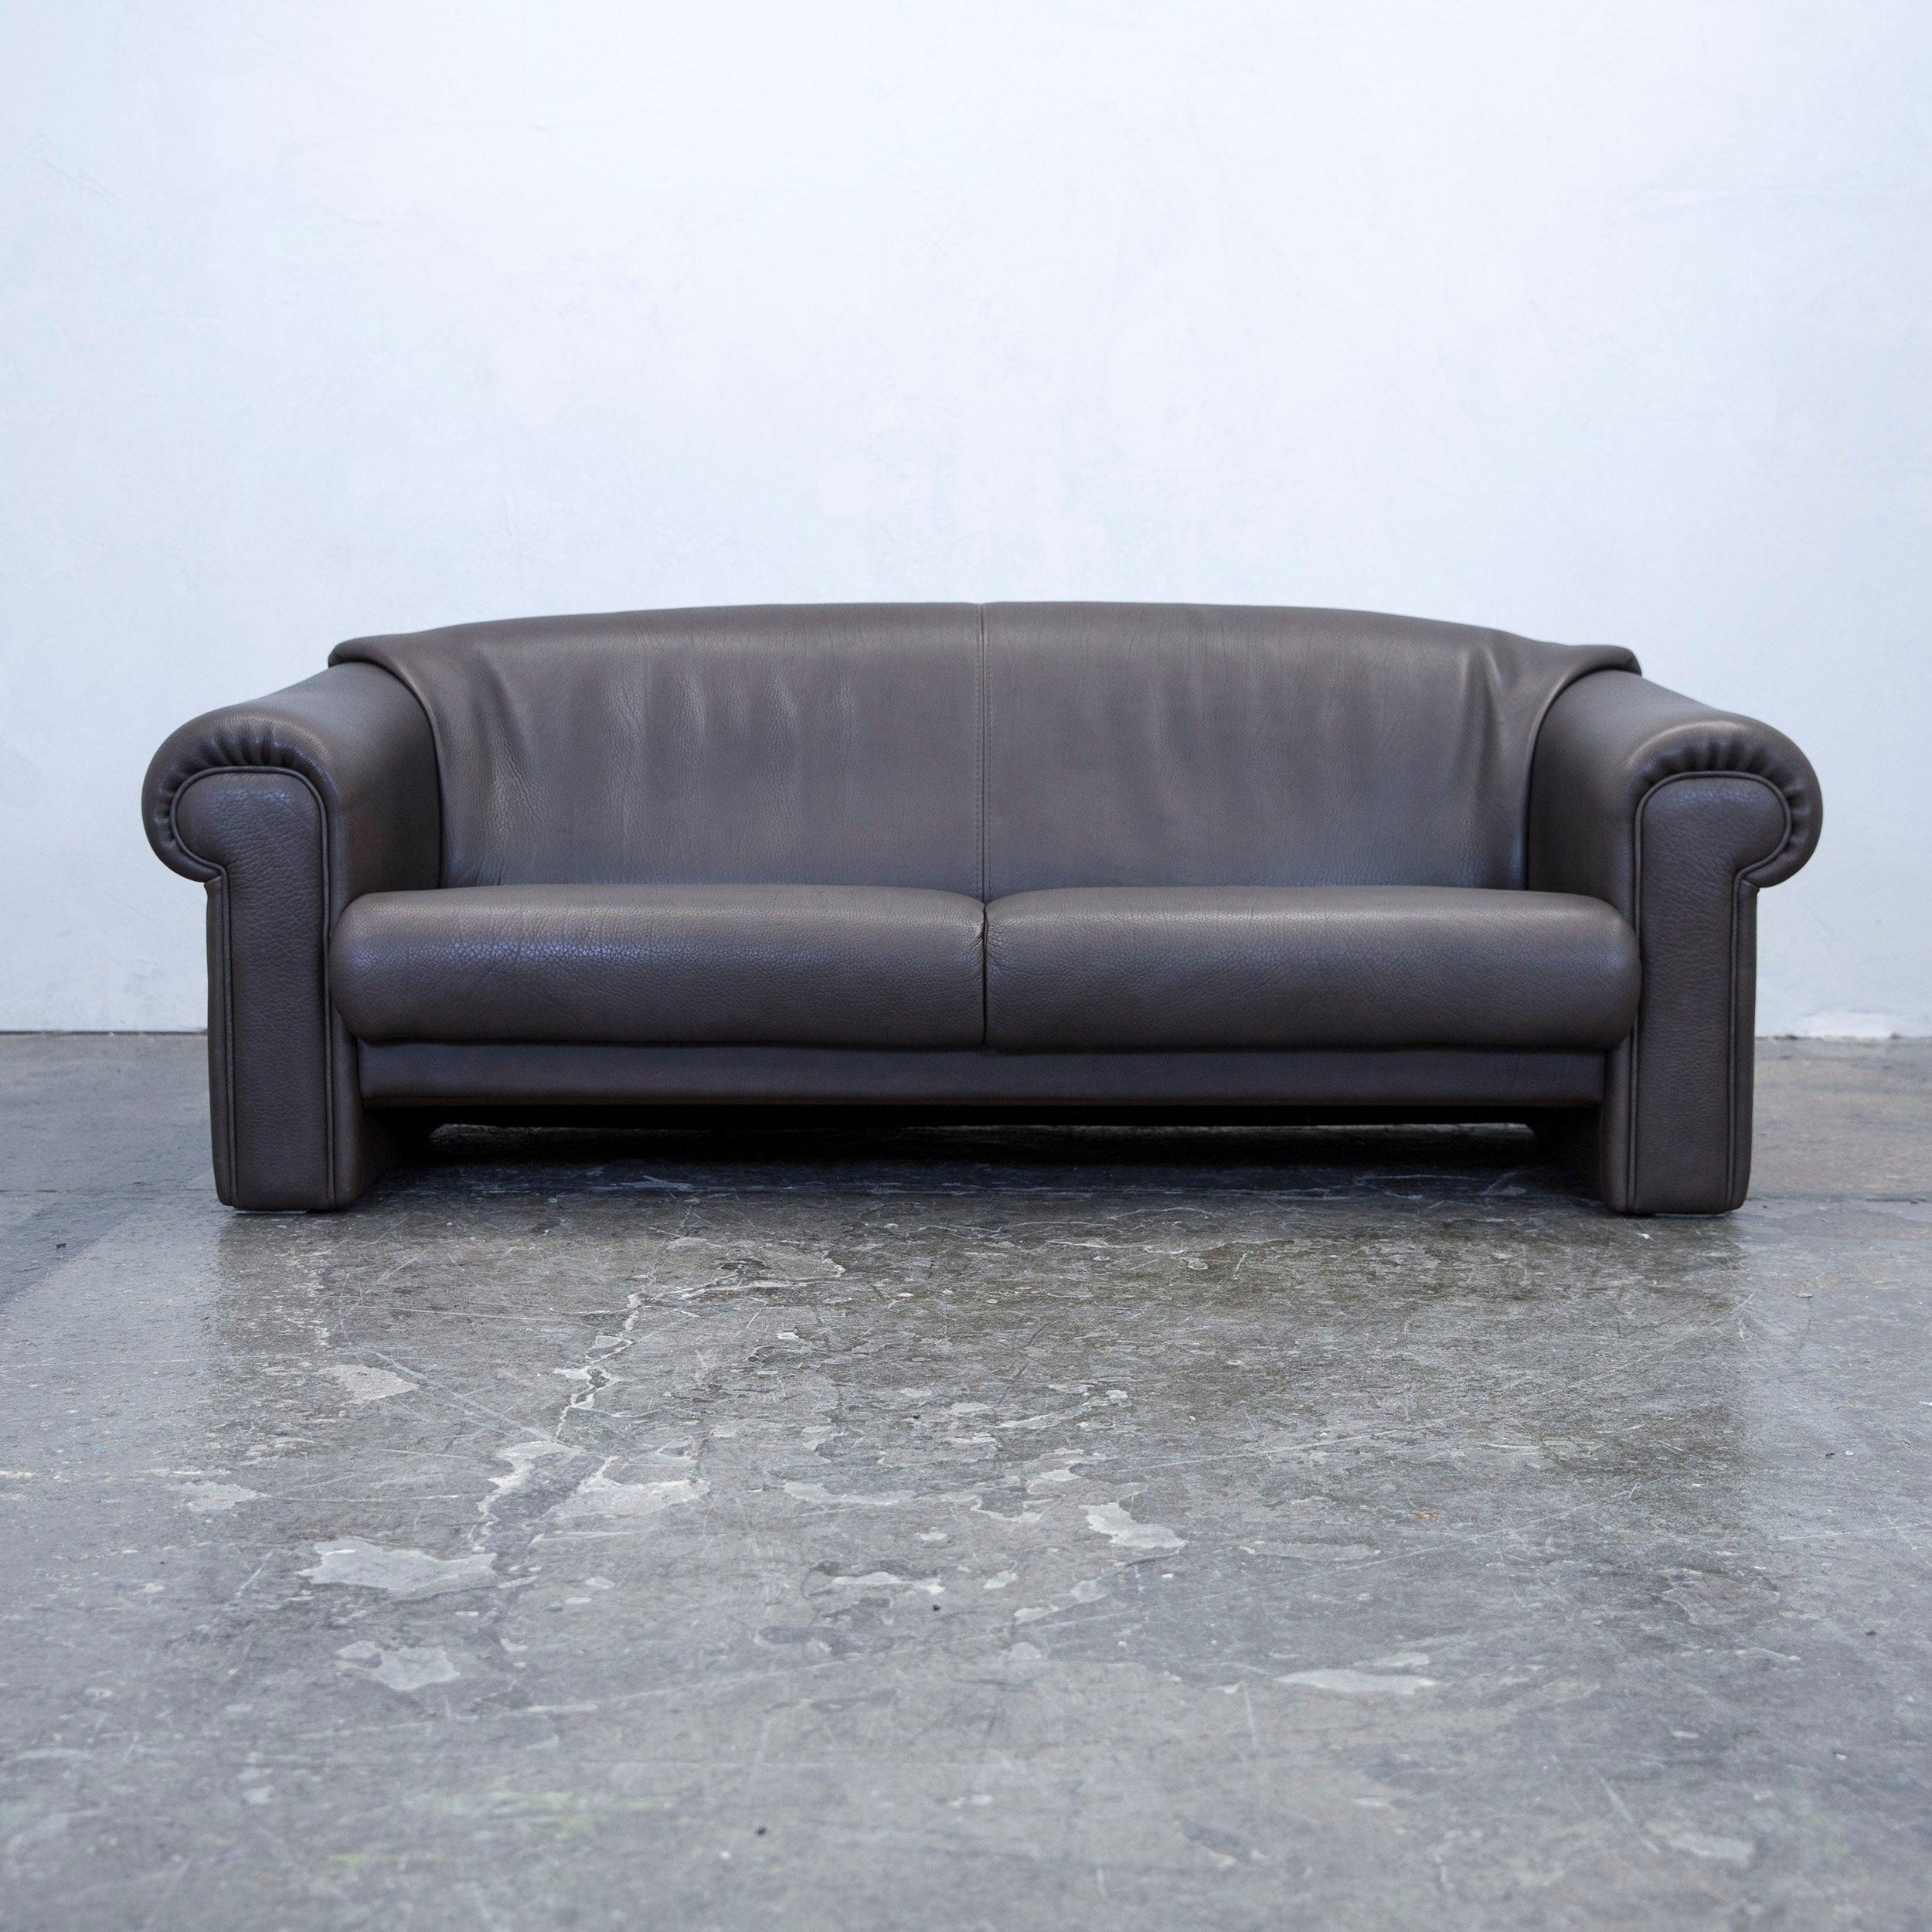 Künstlerisch Brühl Und Sippold Galerie Von Brühl And Designer Sofa Set Leather Brown